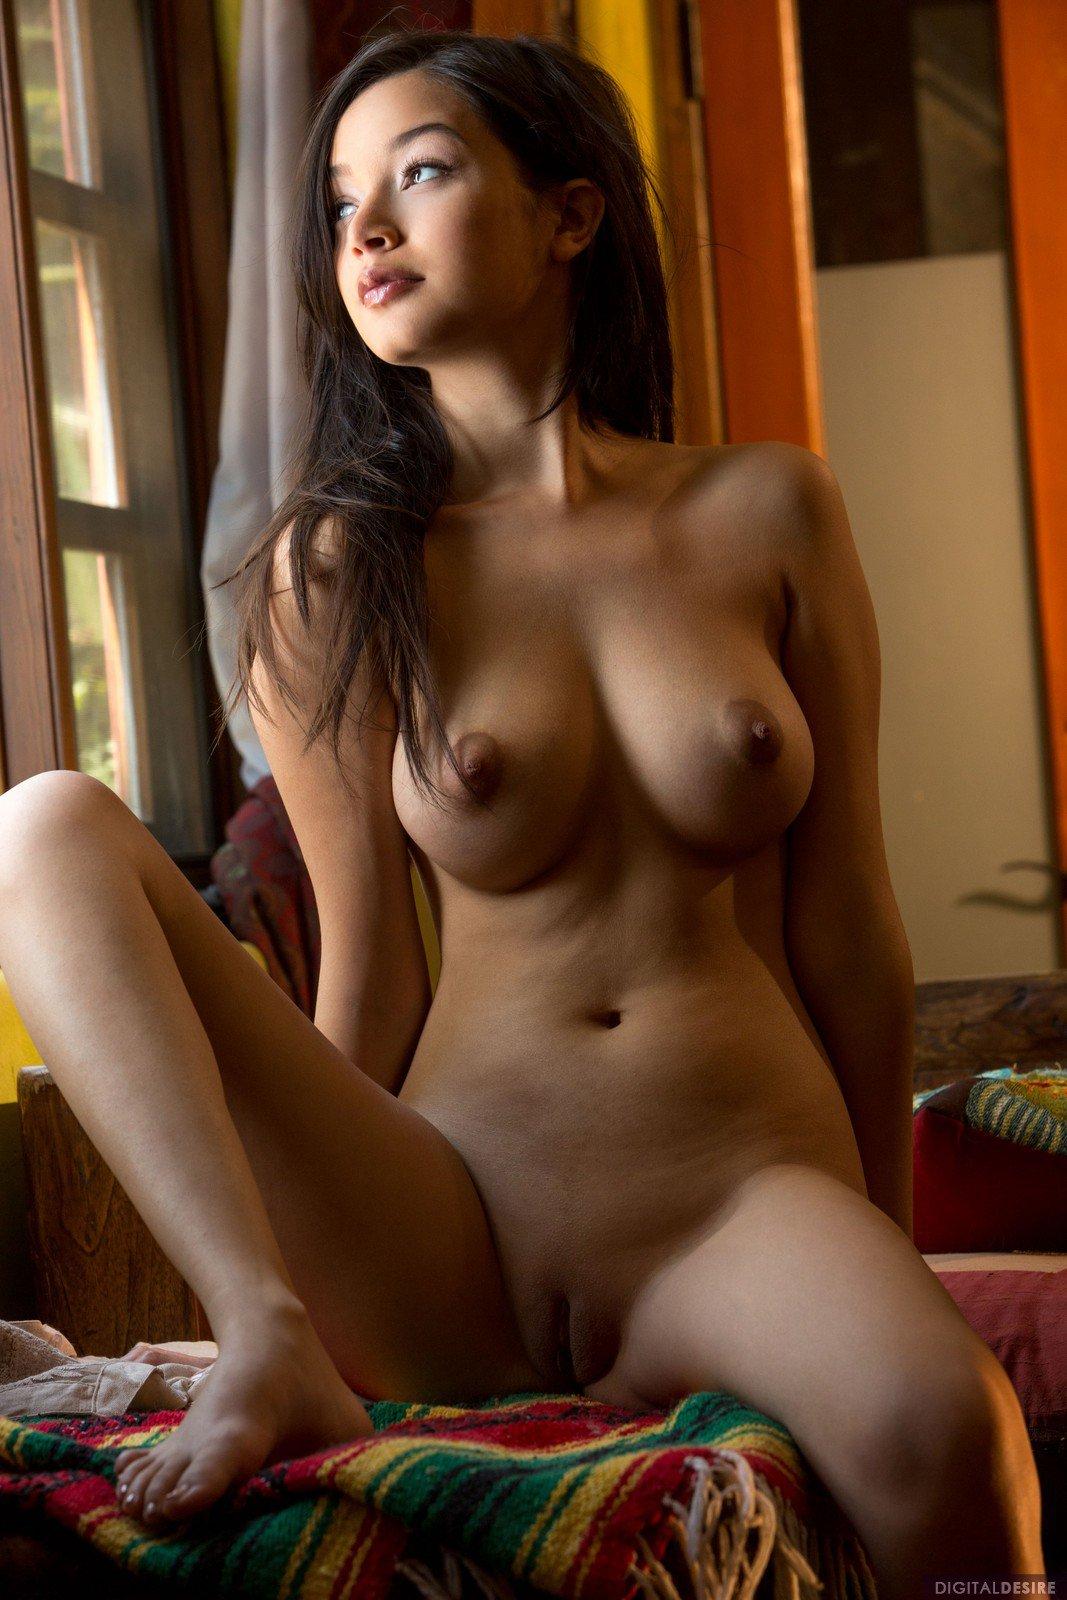 eden-arya-huge-boobs-by-digital-desire-12.jpg